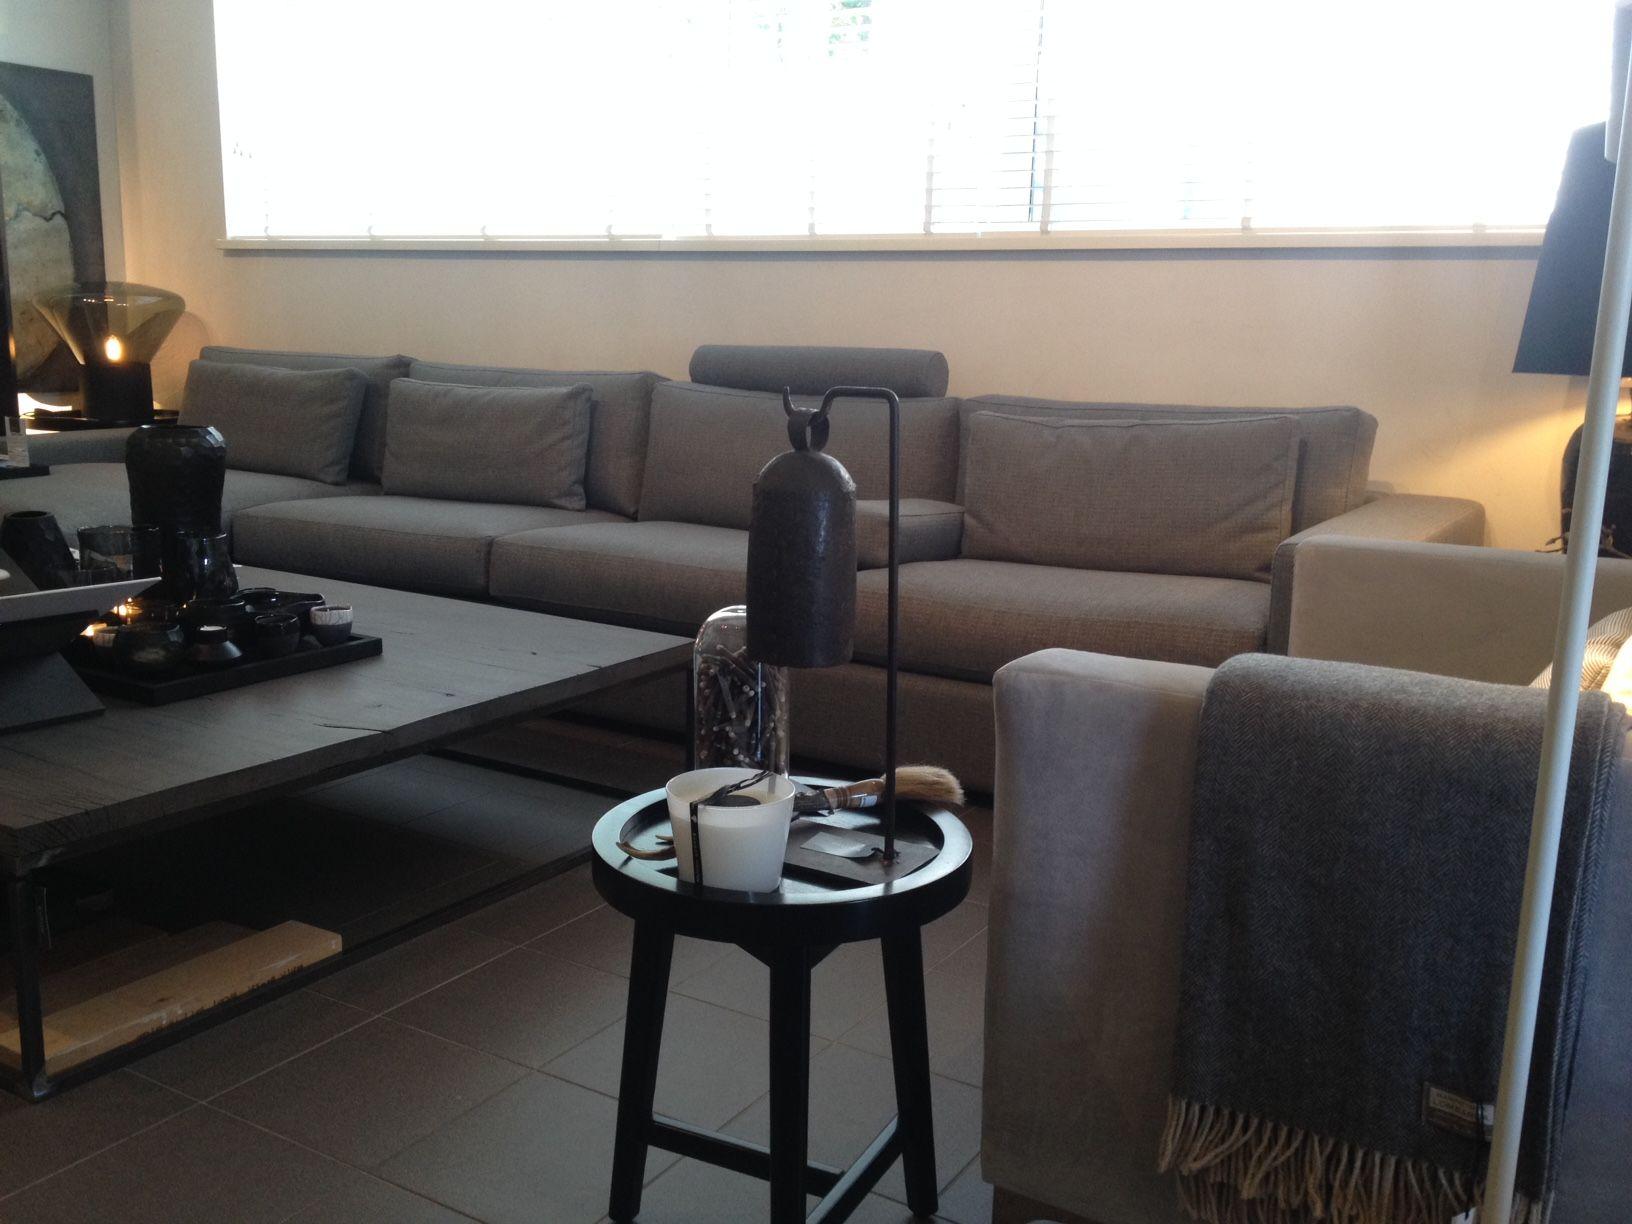 Keijser&Co bij R-styled in Oostvoorne   Home   Pinterest   Interiors